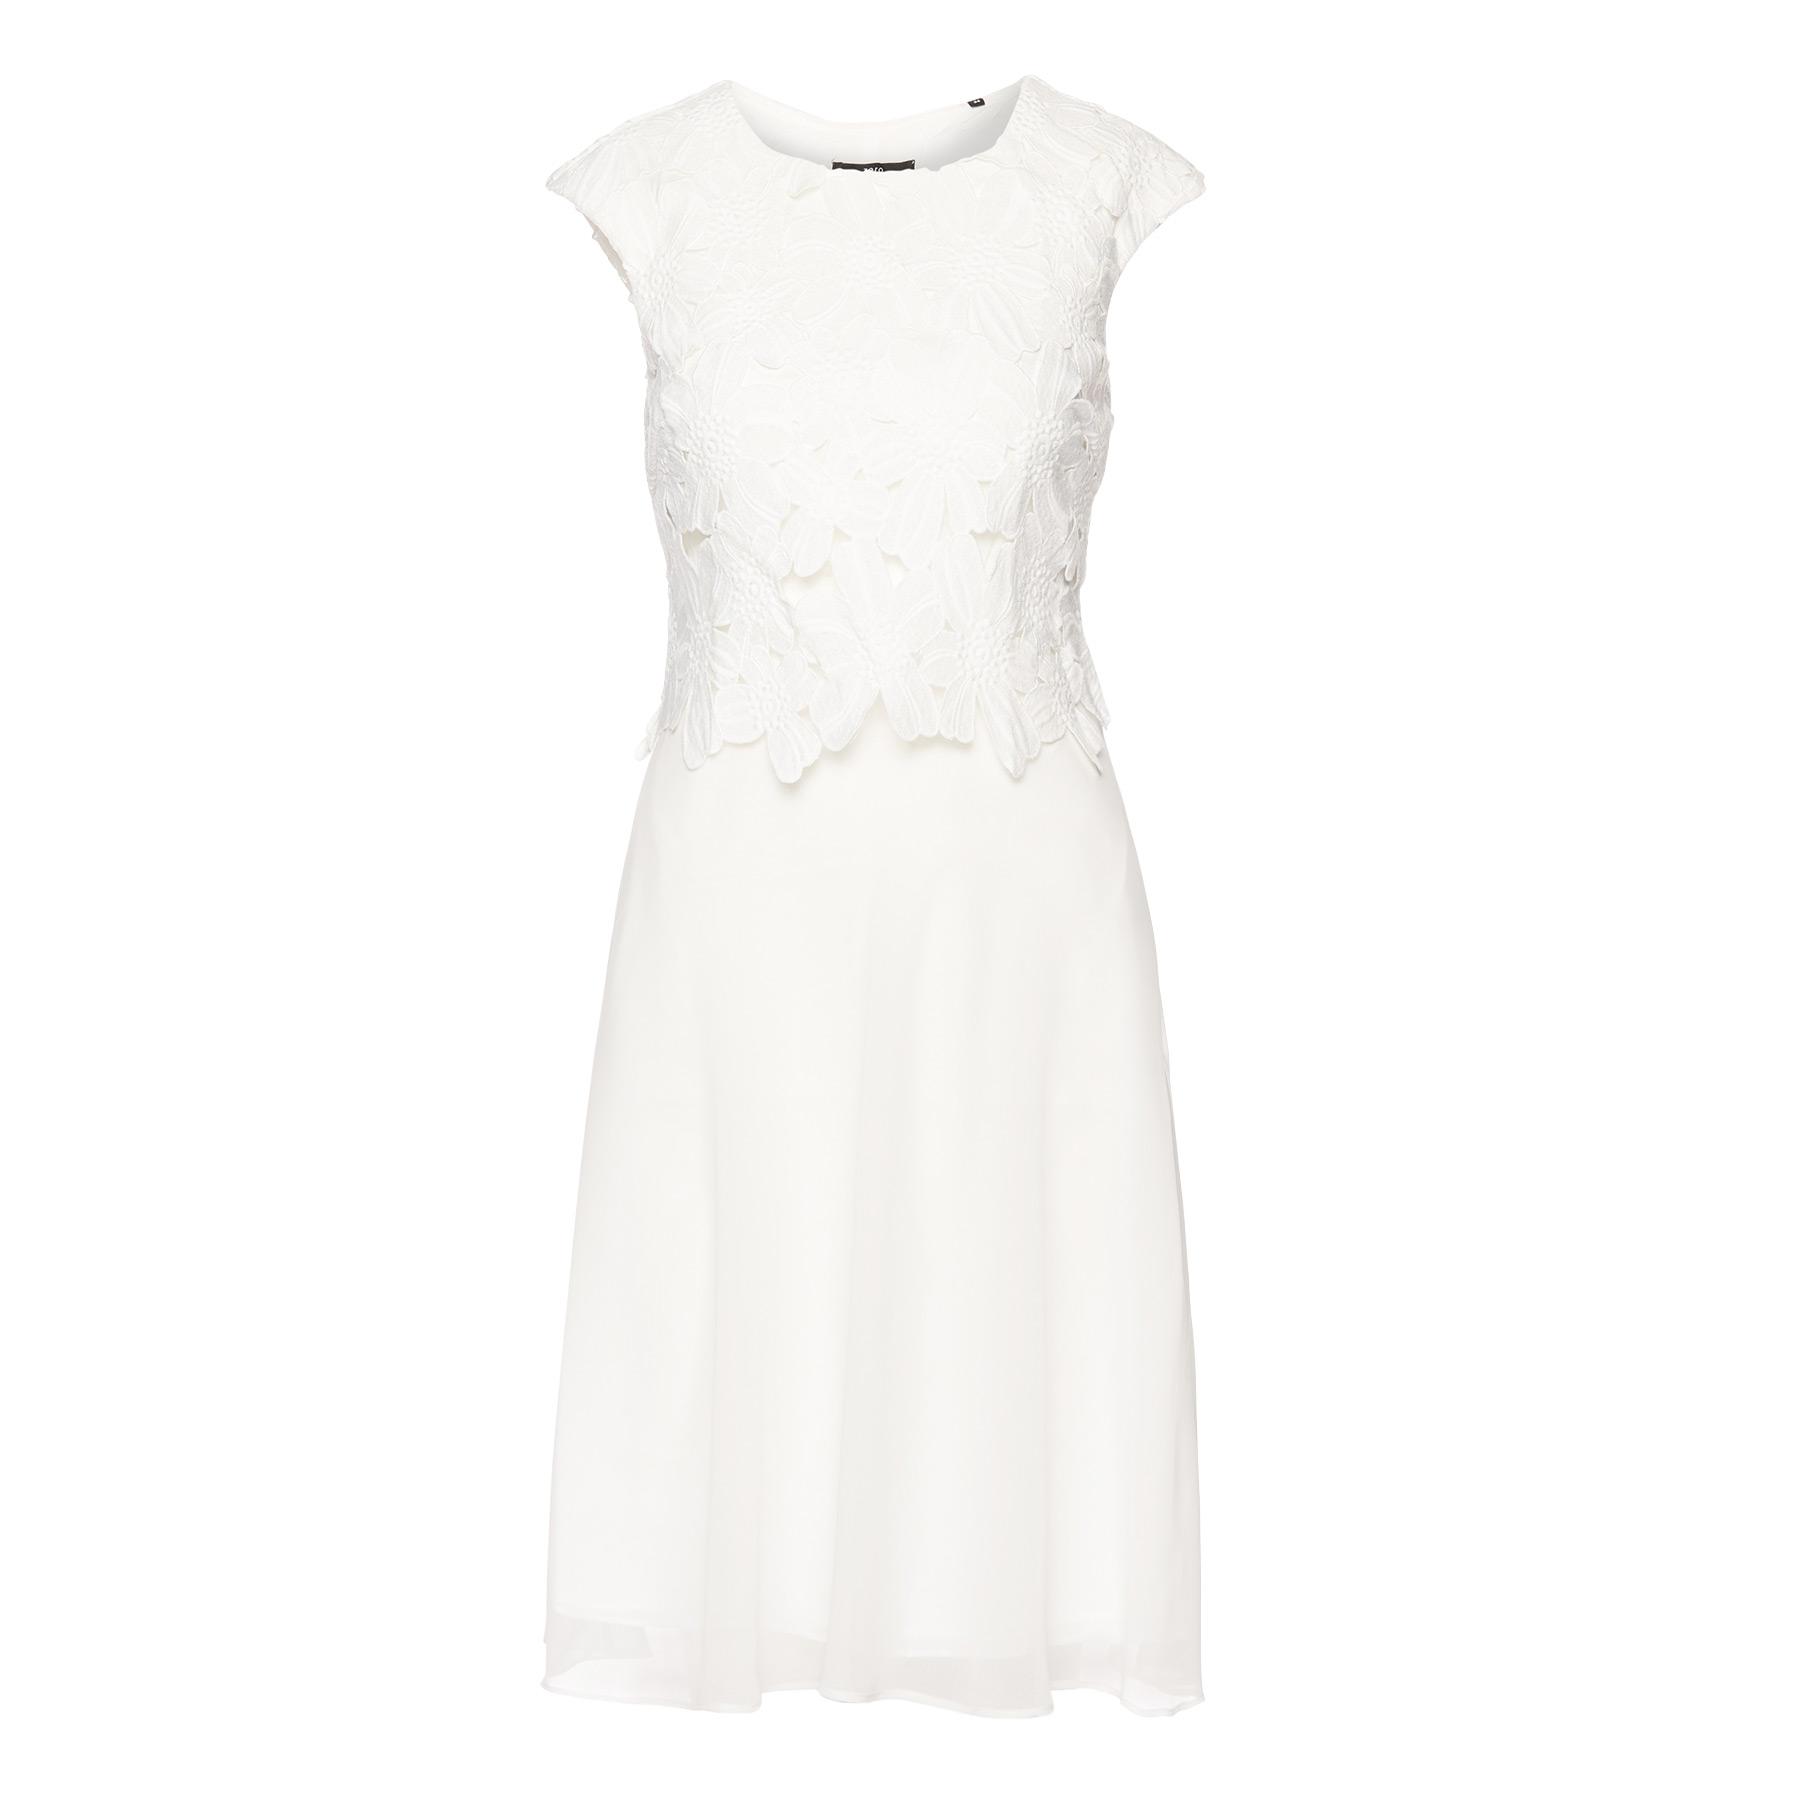 Kleid in Rock-Top-Optik offwhite